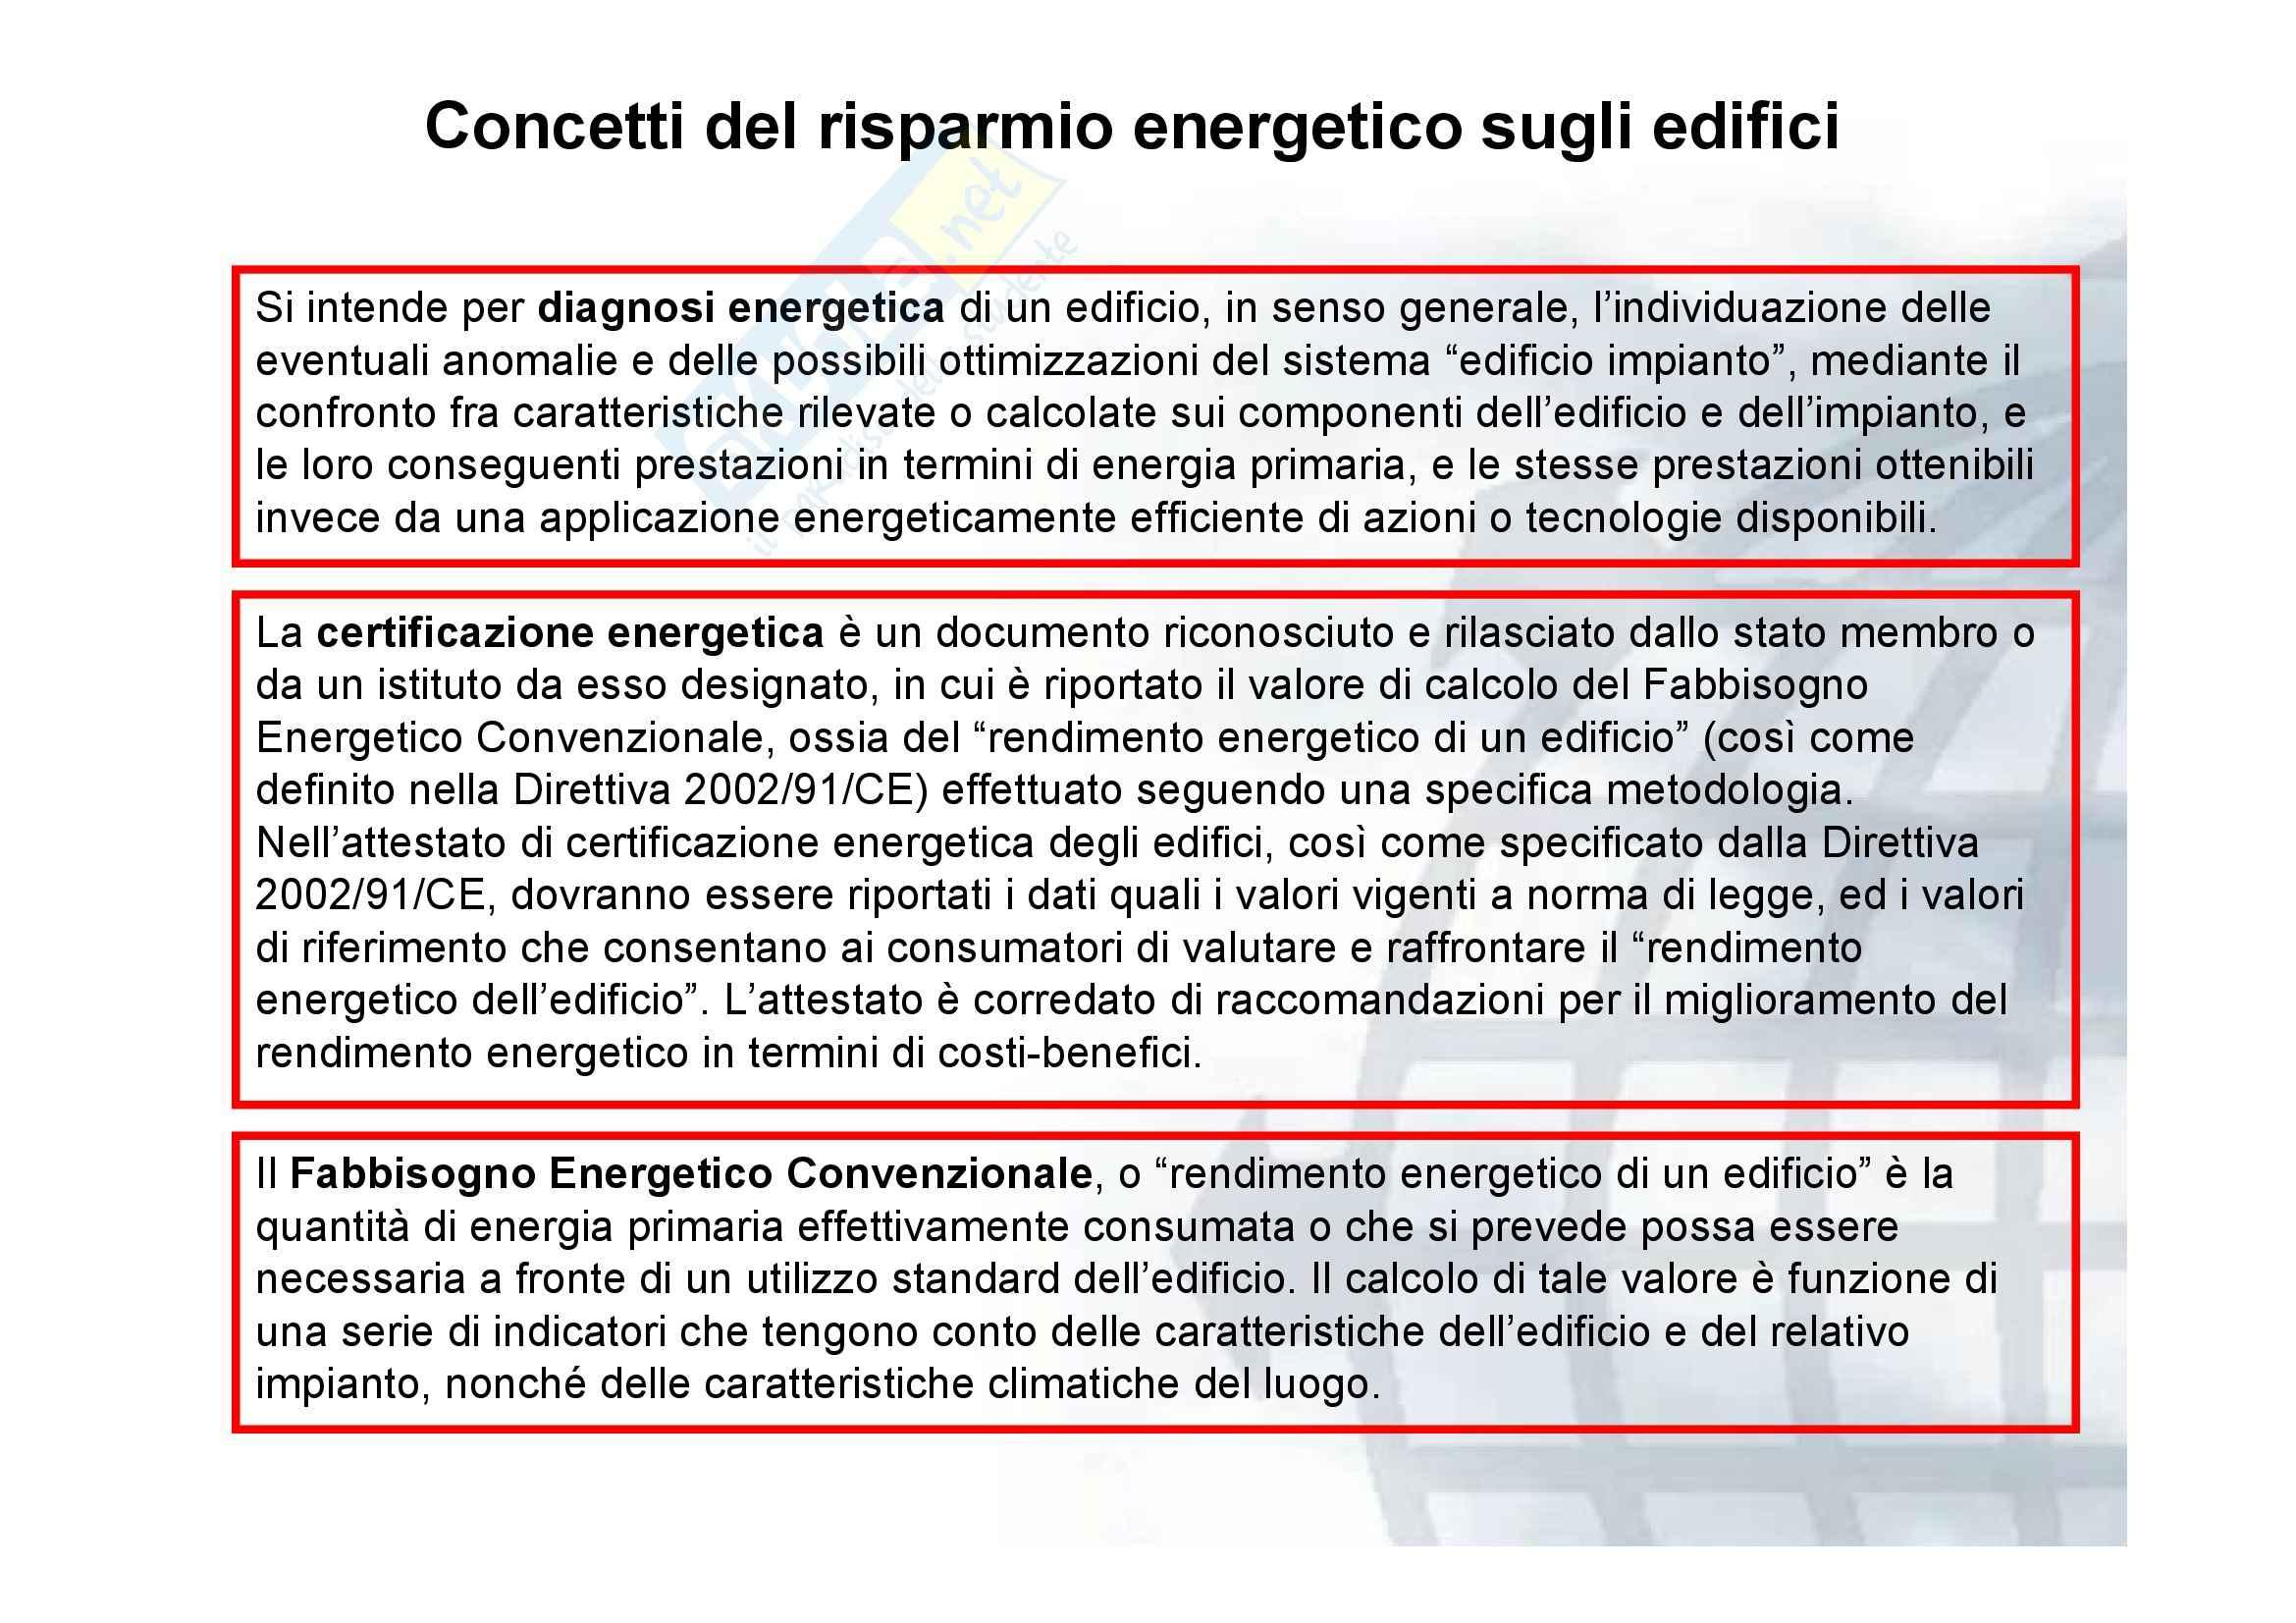 Energie rinnovabili e risparmio energetico Pag. 6